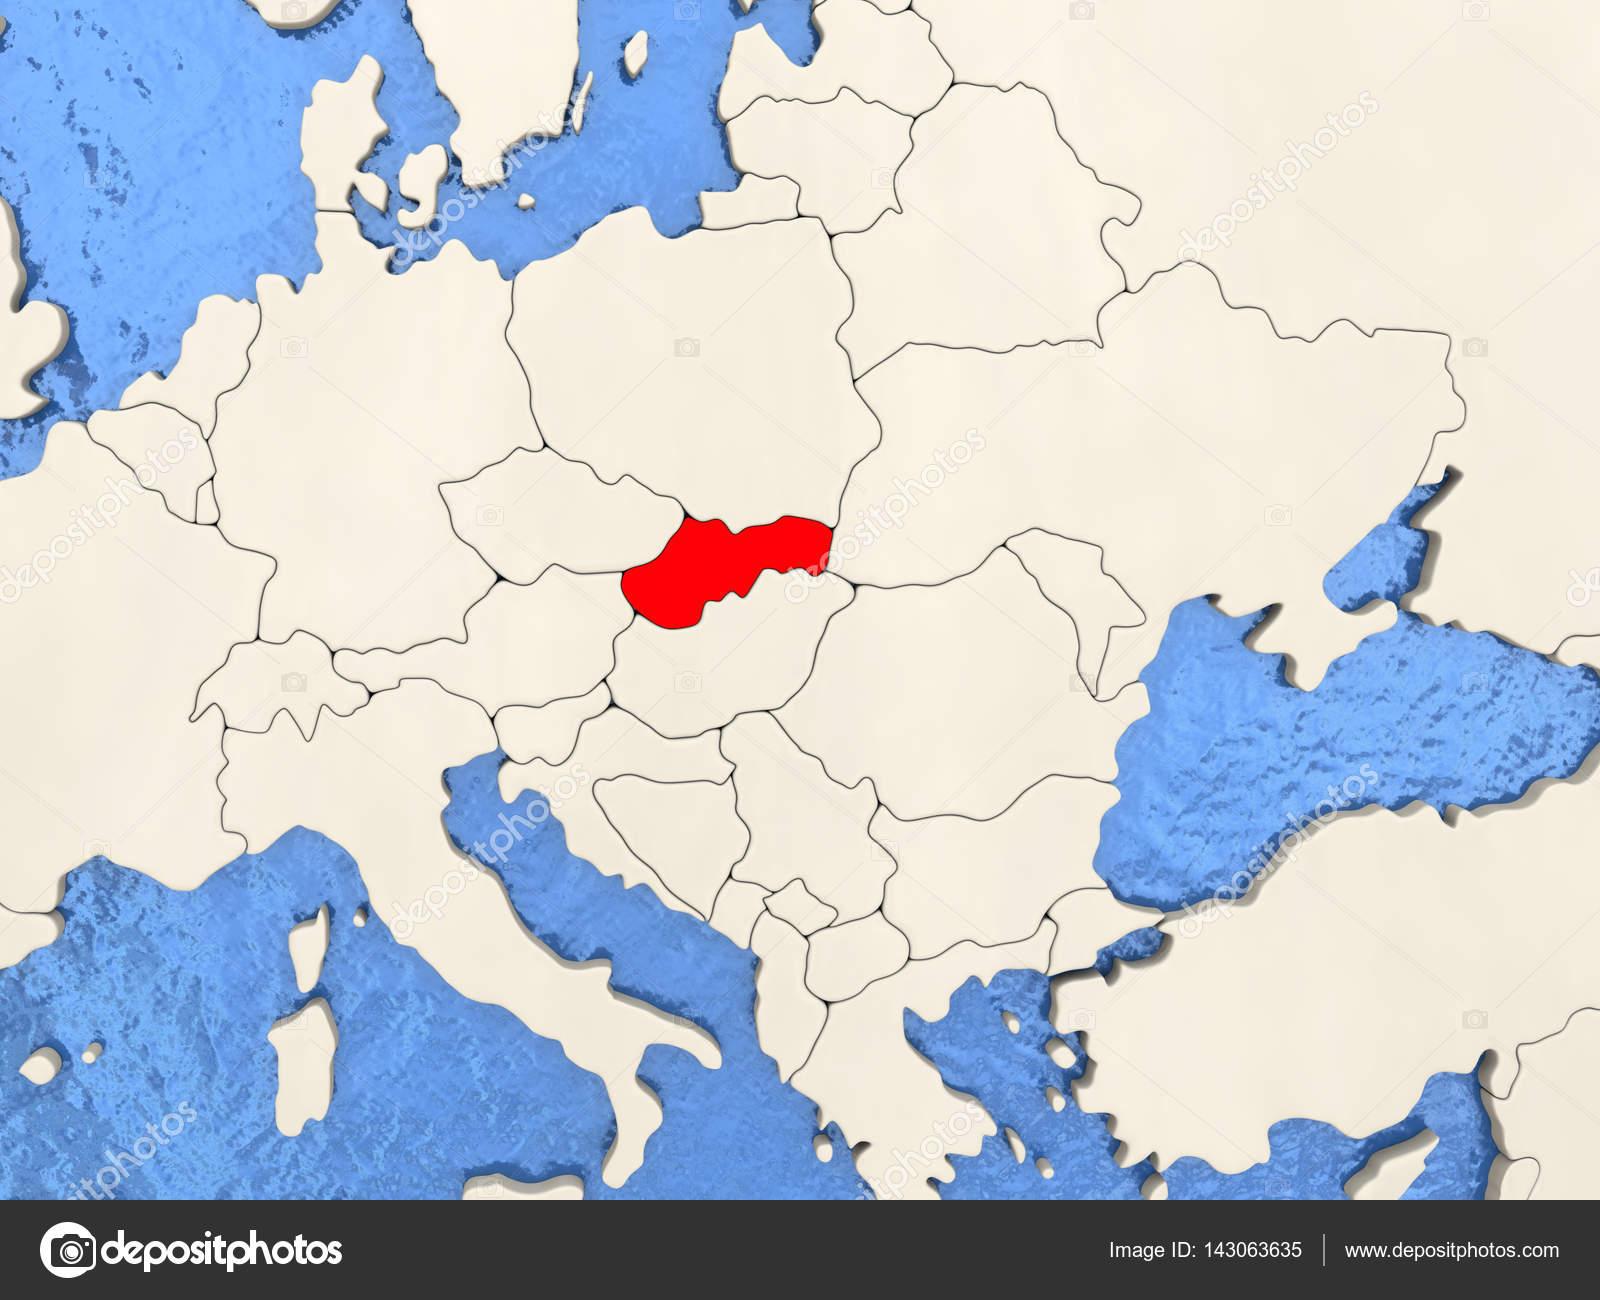 eslovaquia mapa Eslovaquia mapa — Fotos de Stock © tom.griger #143063635 eslovaquia mapa